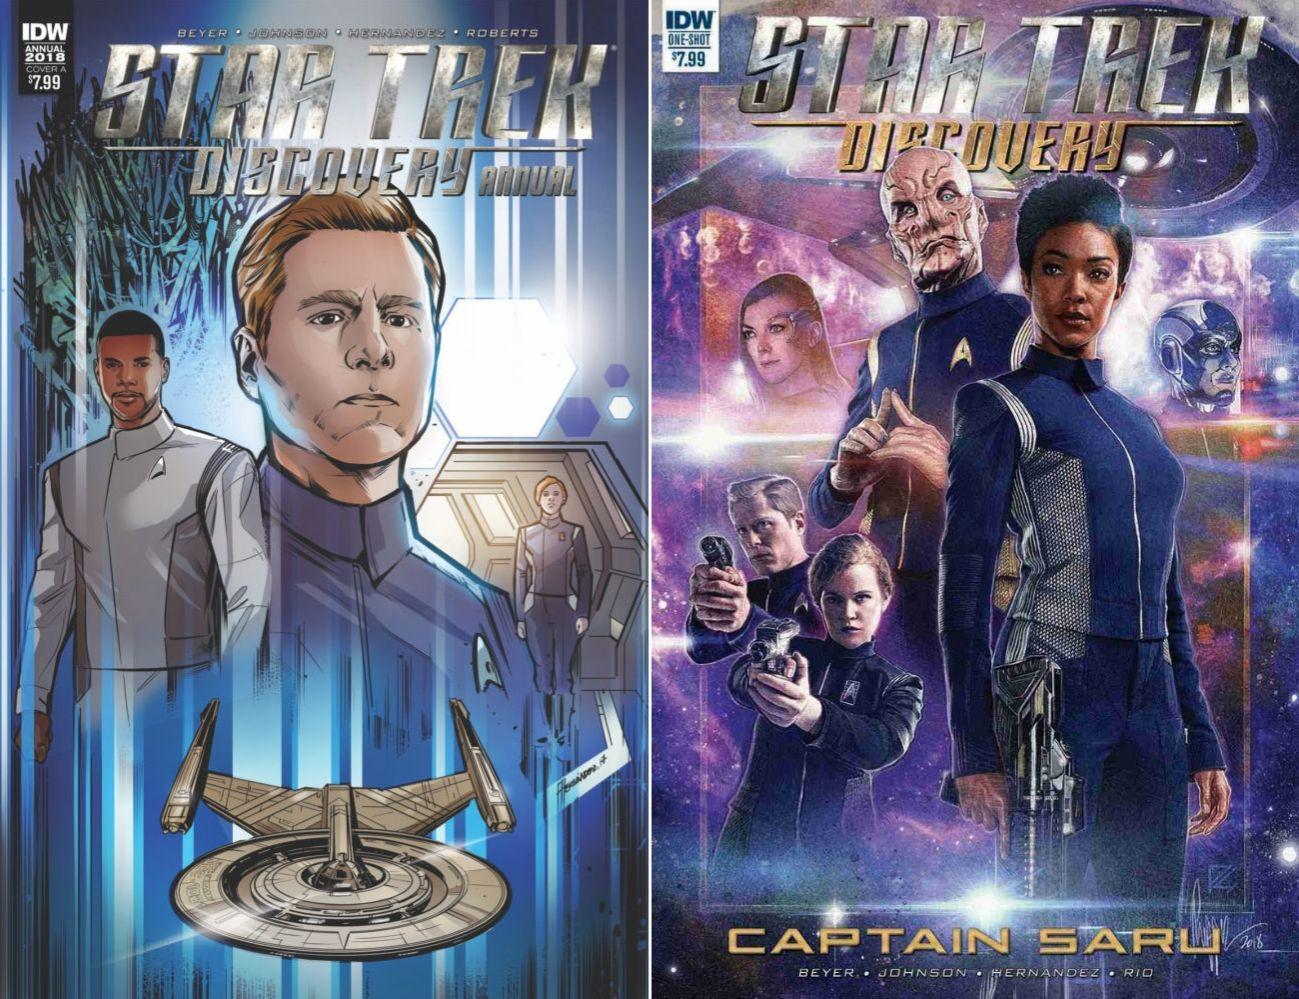 Tylko niektóre komiksy Discovery poświęcone są Gwiezdnej Flocie. / Fot. IDW